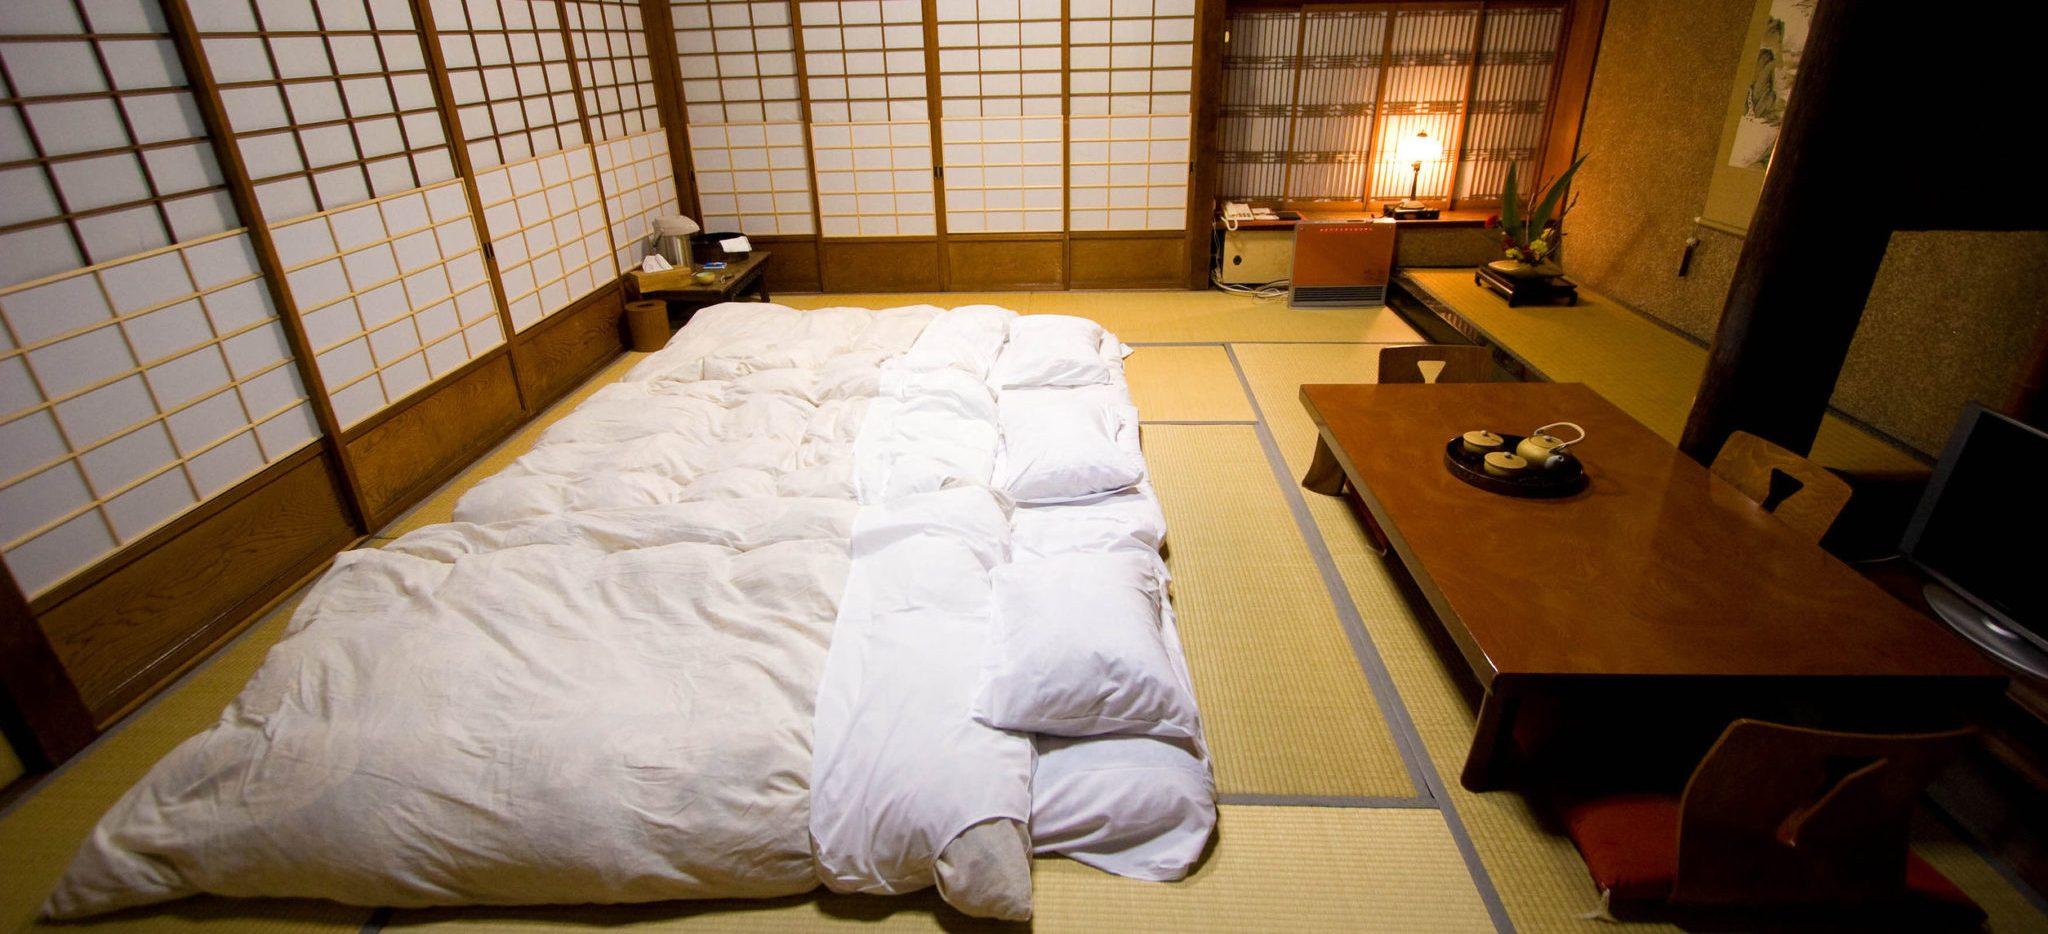 Full Size of Japanisches Bett Traditionell Schlafen Auf Einem Futon Landhausstil Schramm Betten Wand Mit Matratze 200x200 Bettkasten Bopita Balken Mädchen Schubladen Bett Tatami Bett